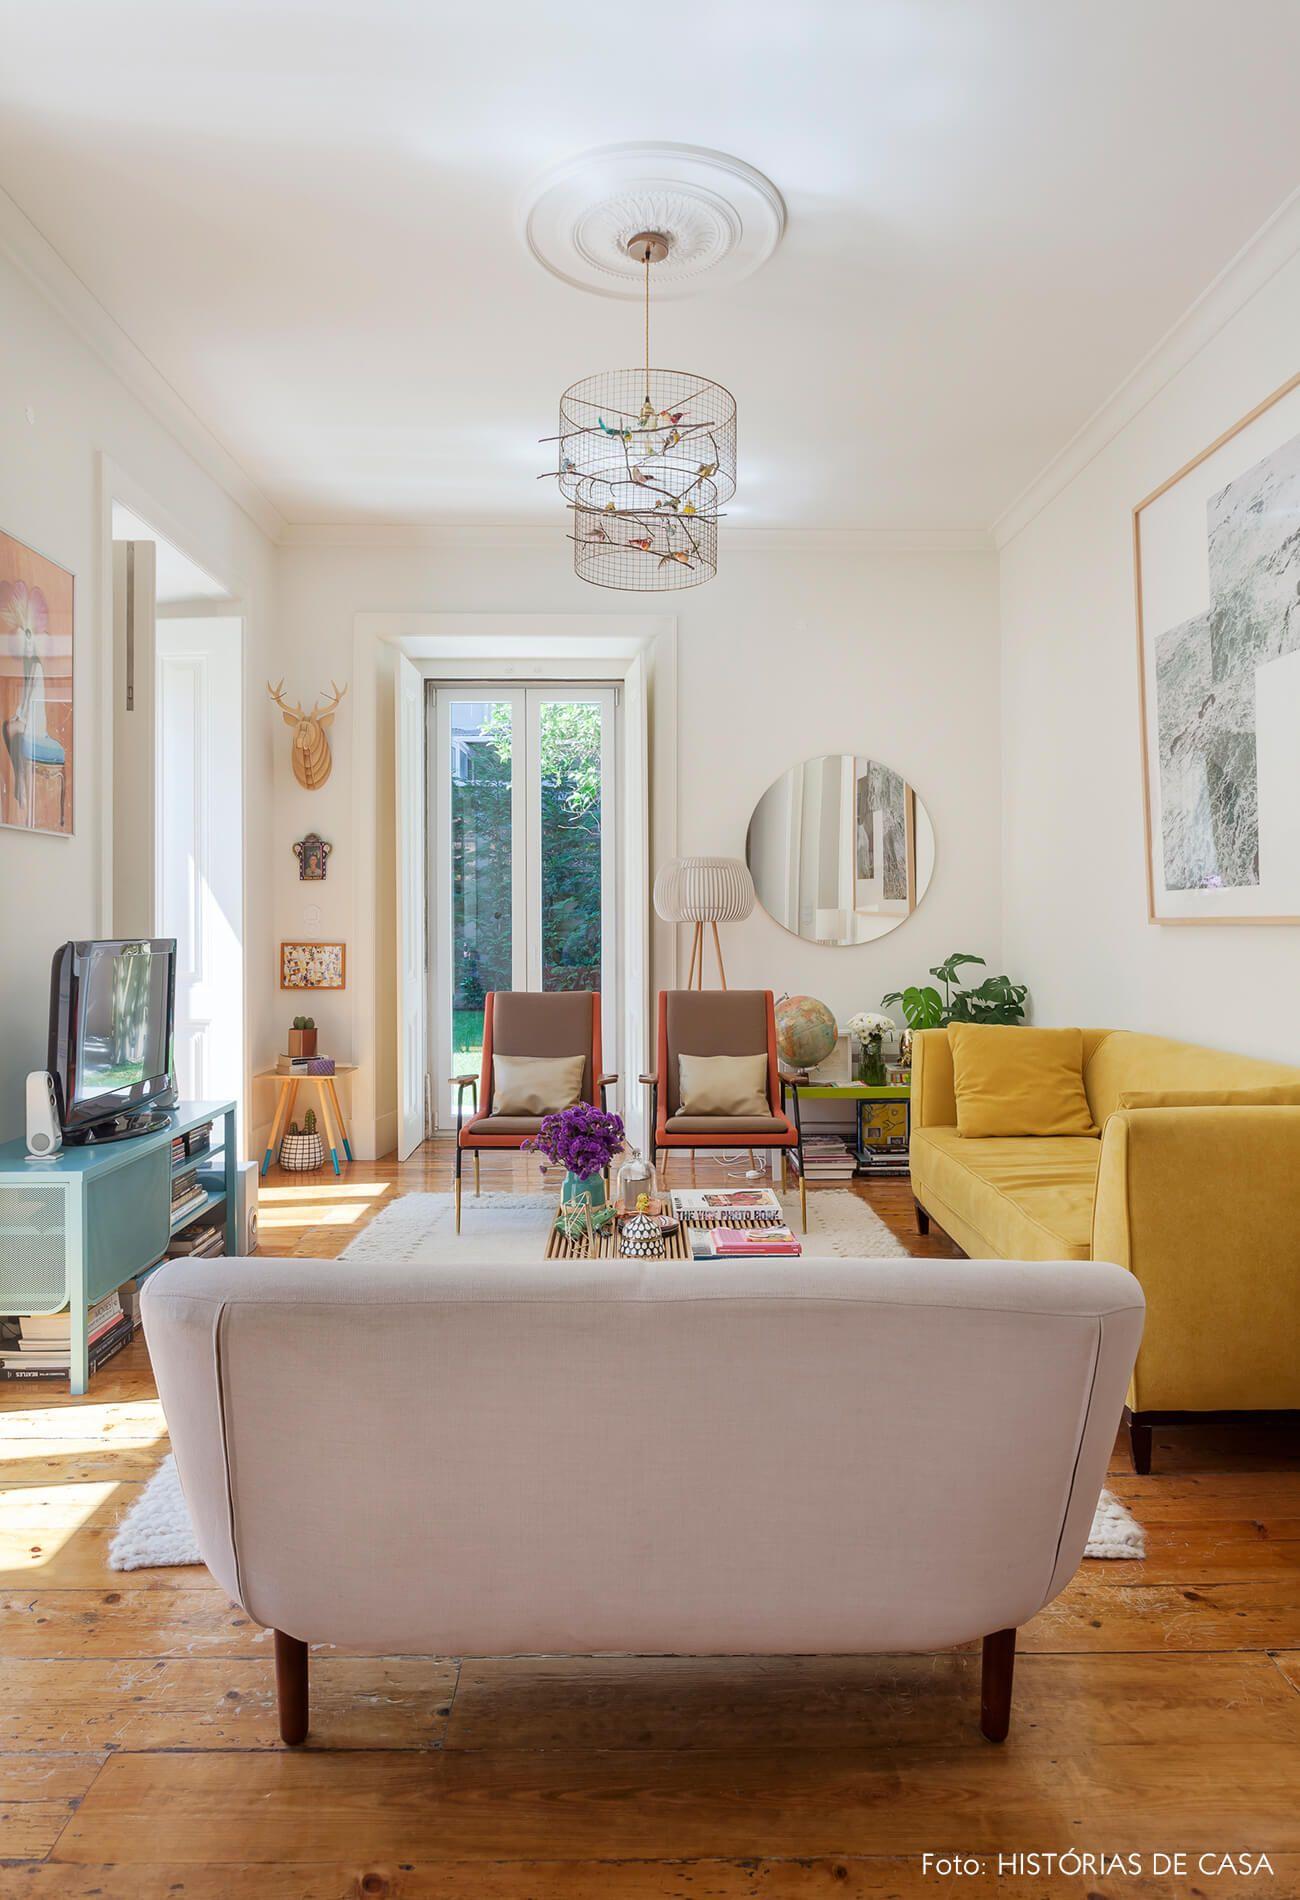 Vocação para a decoração | living area | Pinterest